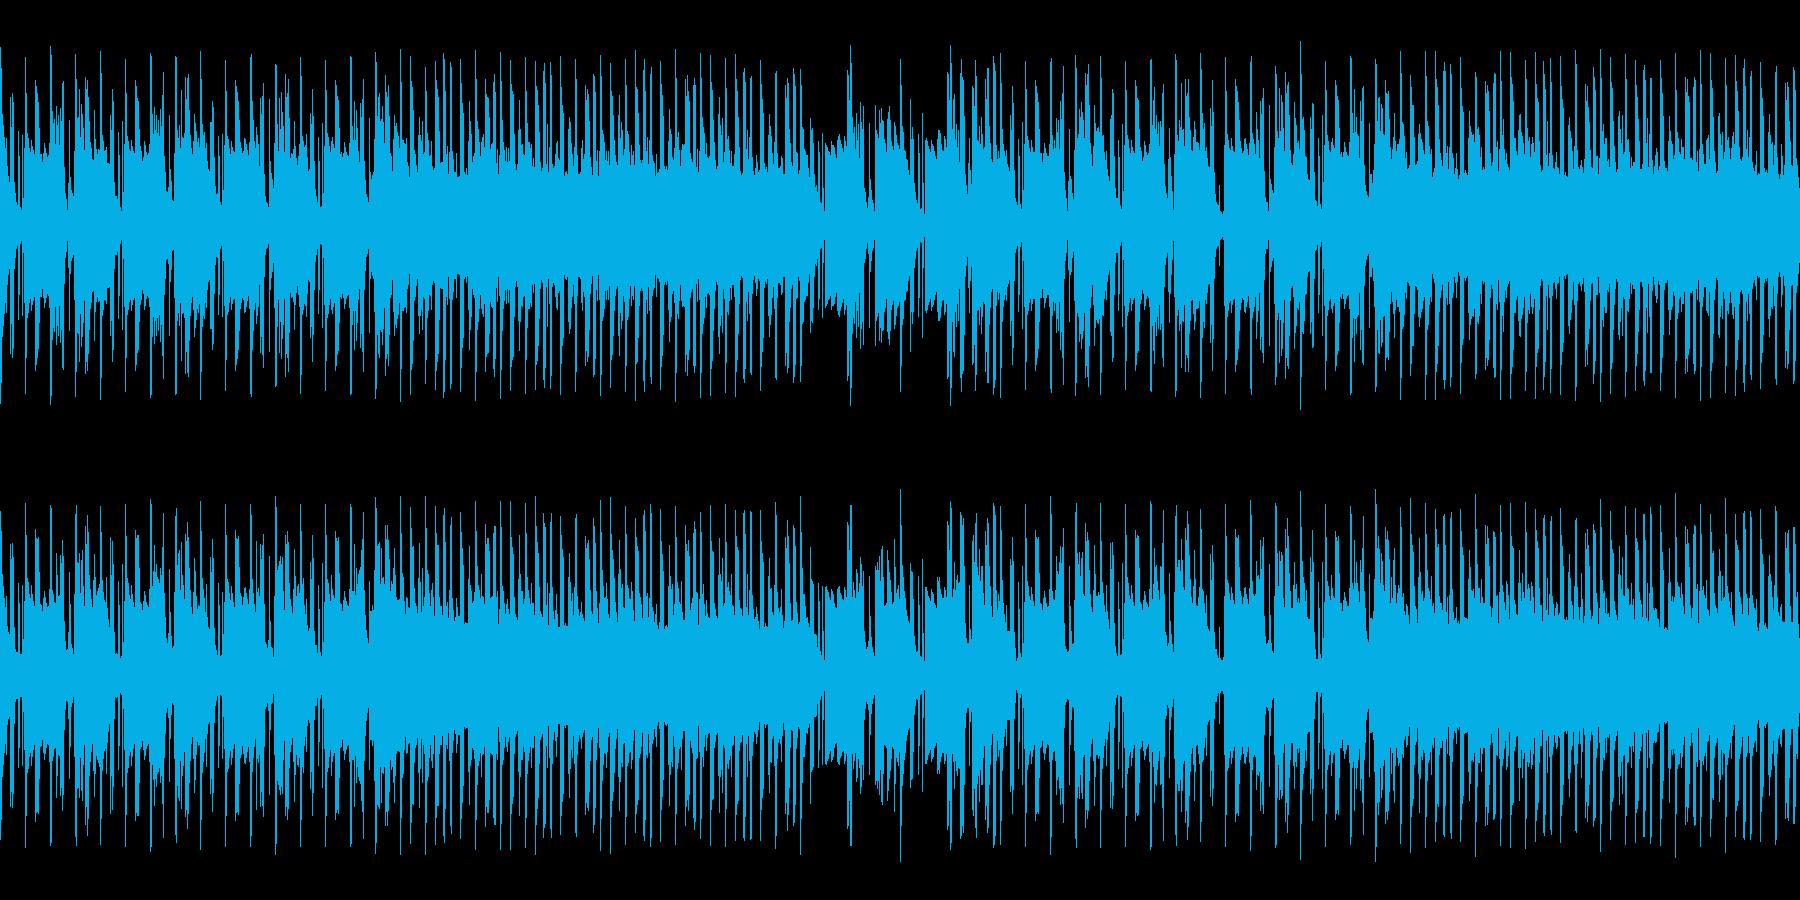 和風+ヒップホップなシンプルインスト楽曲の再生済みの波形